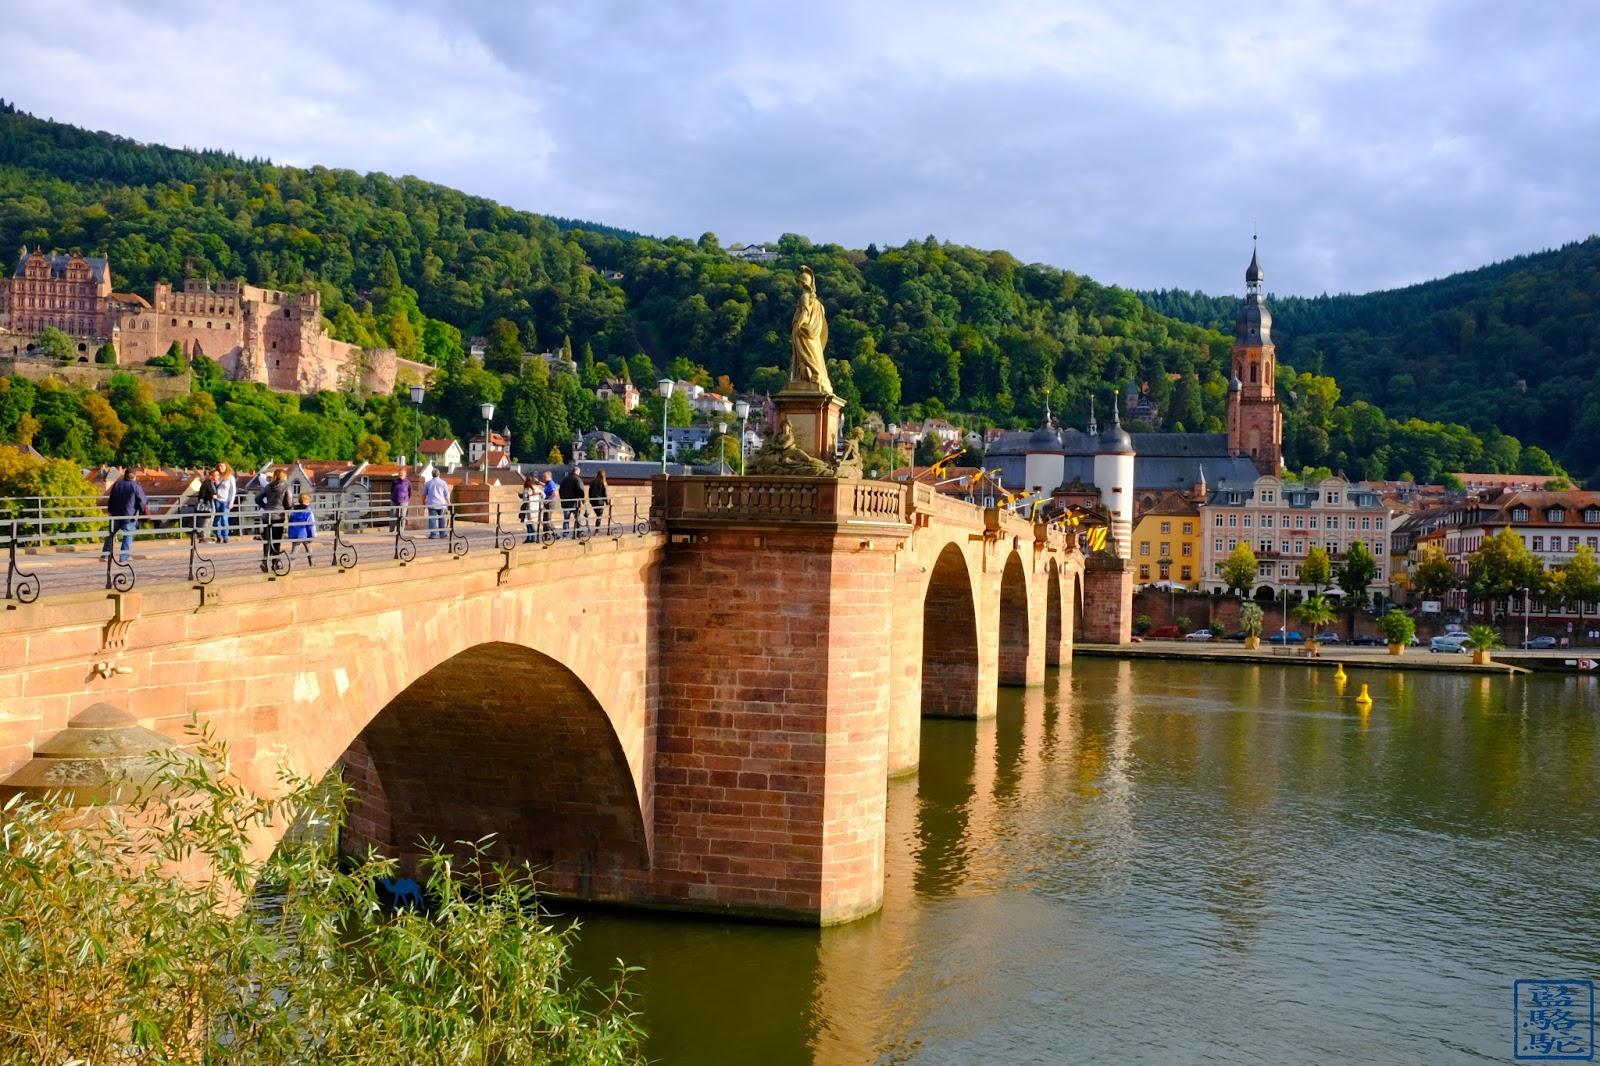 Le Chameau Bleu -Blog Voyage Heildeberg Allemagne -  Le vieux pont d'Heidelberg